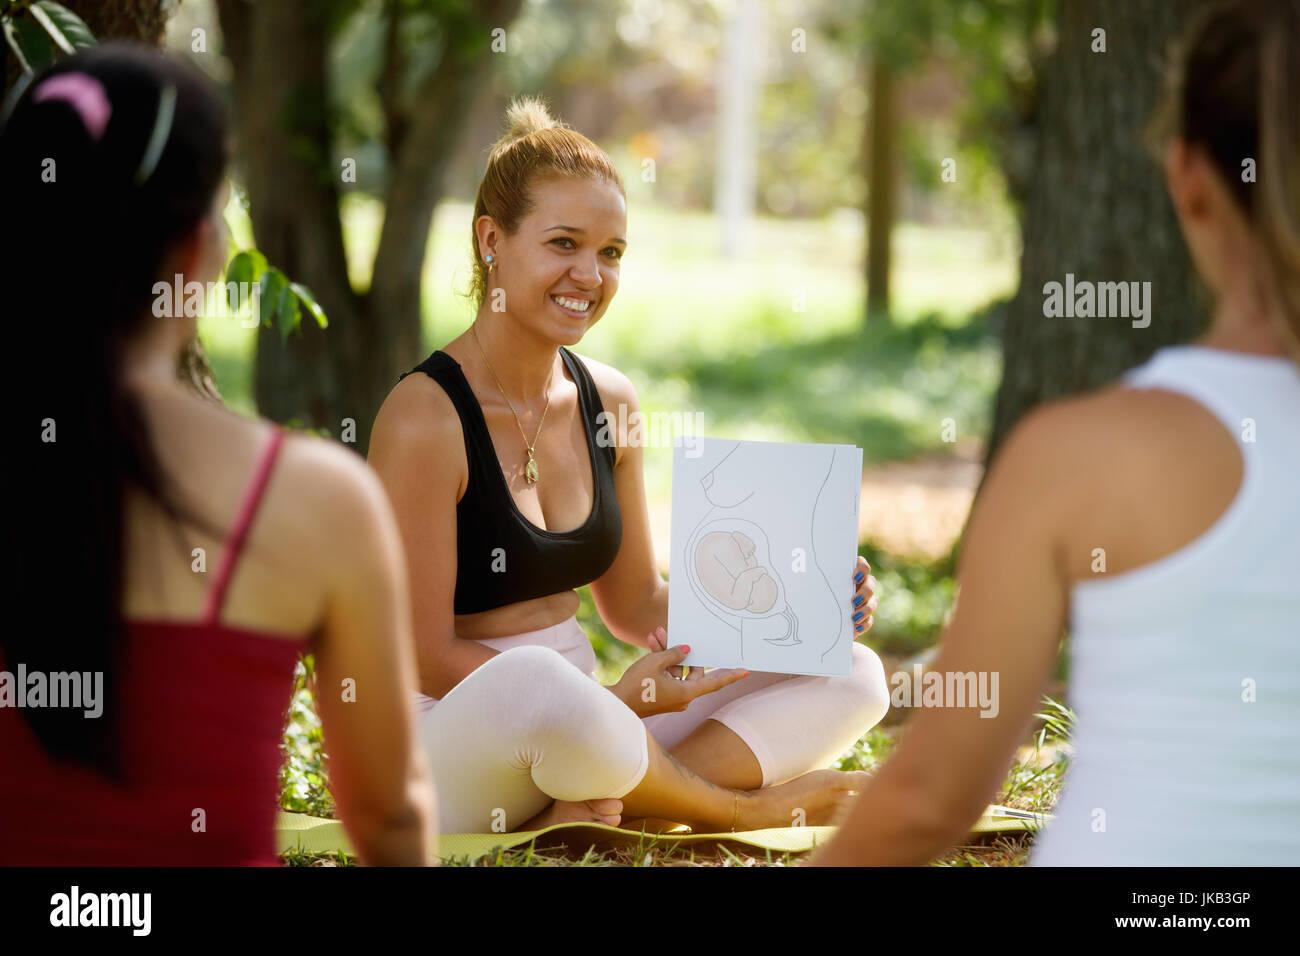 Schwangere Frauen, die pränatale Lektion im Park. Lehrer erklärt Wachstum des Babys im Bauch mit Bildern Stockbild